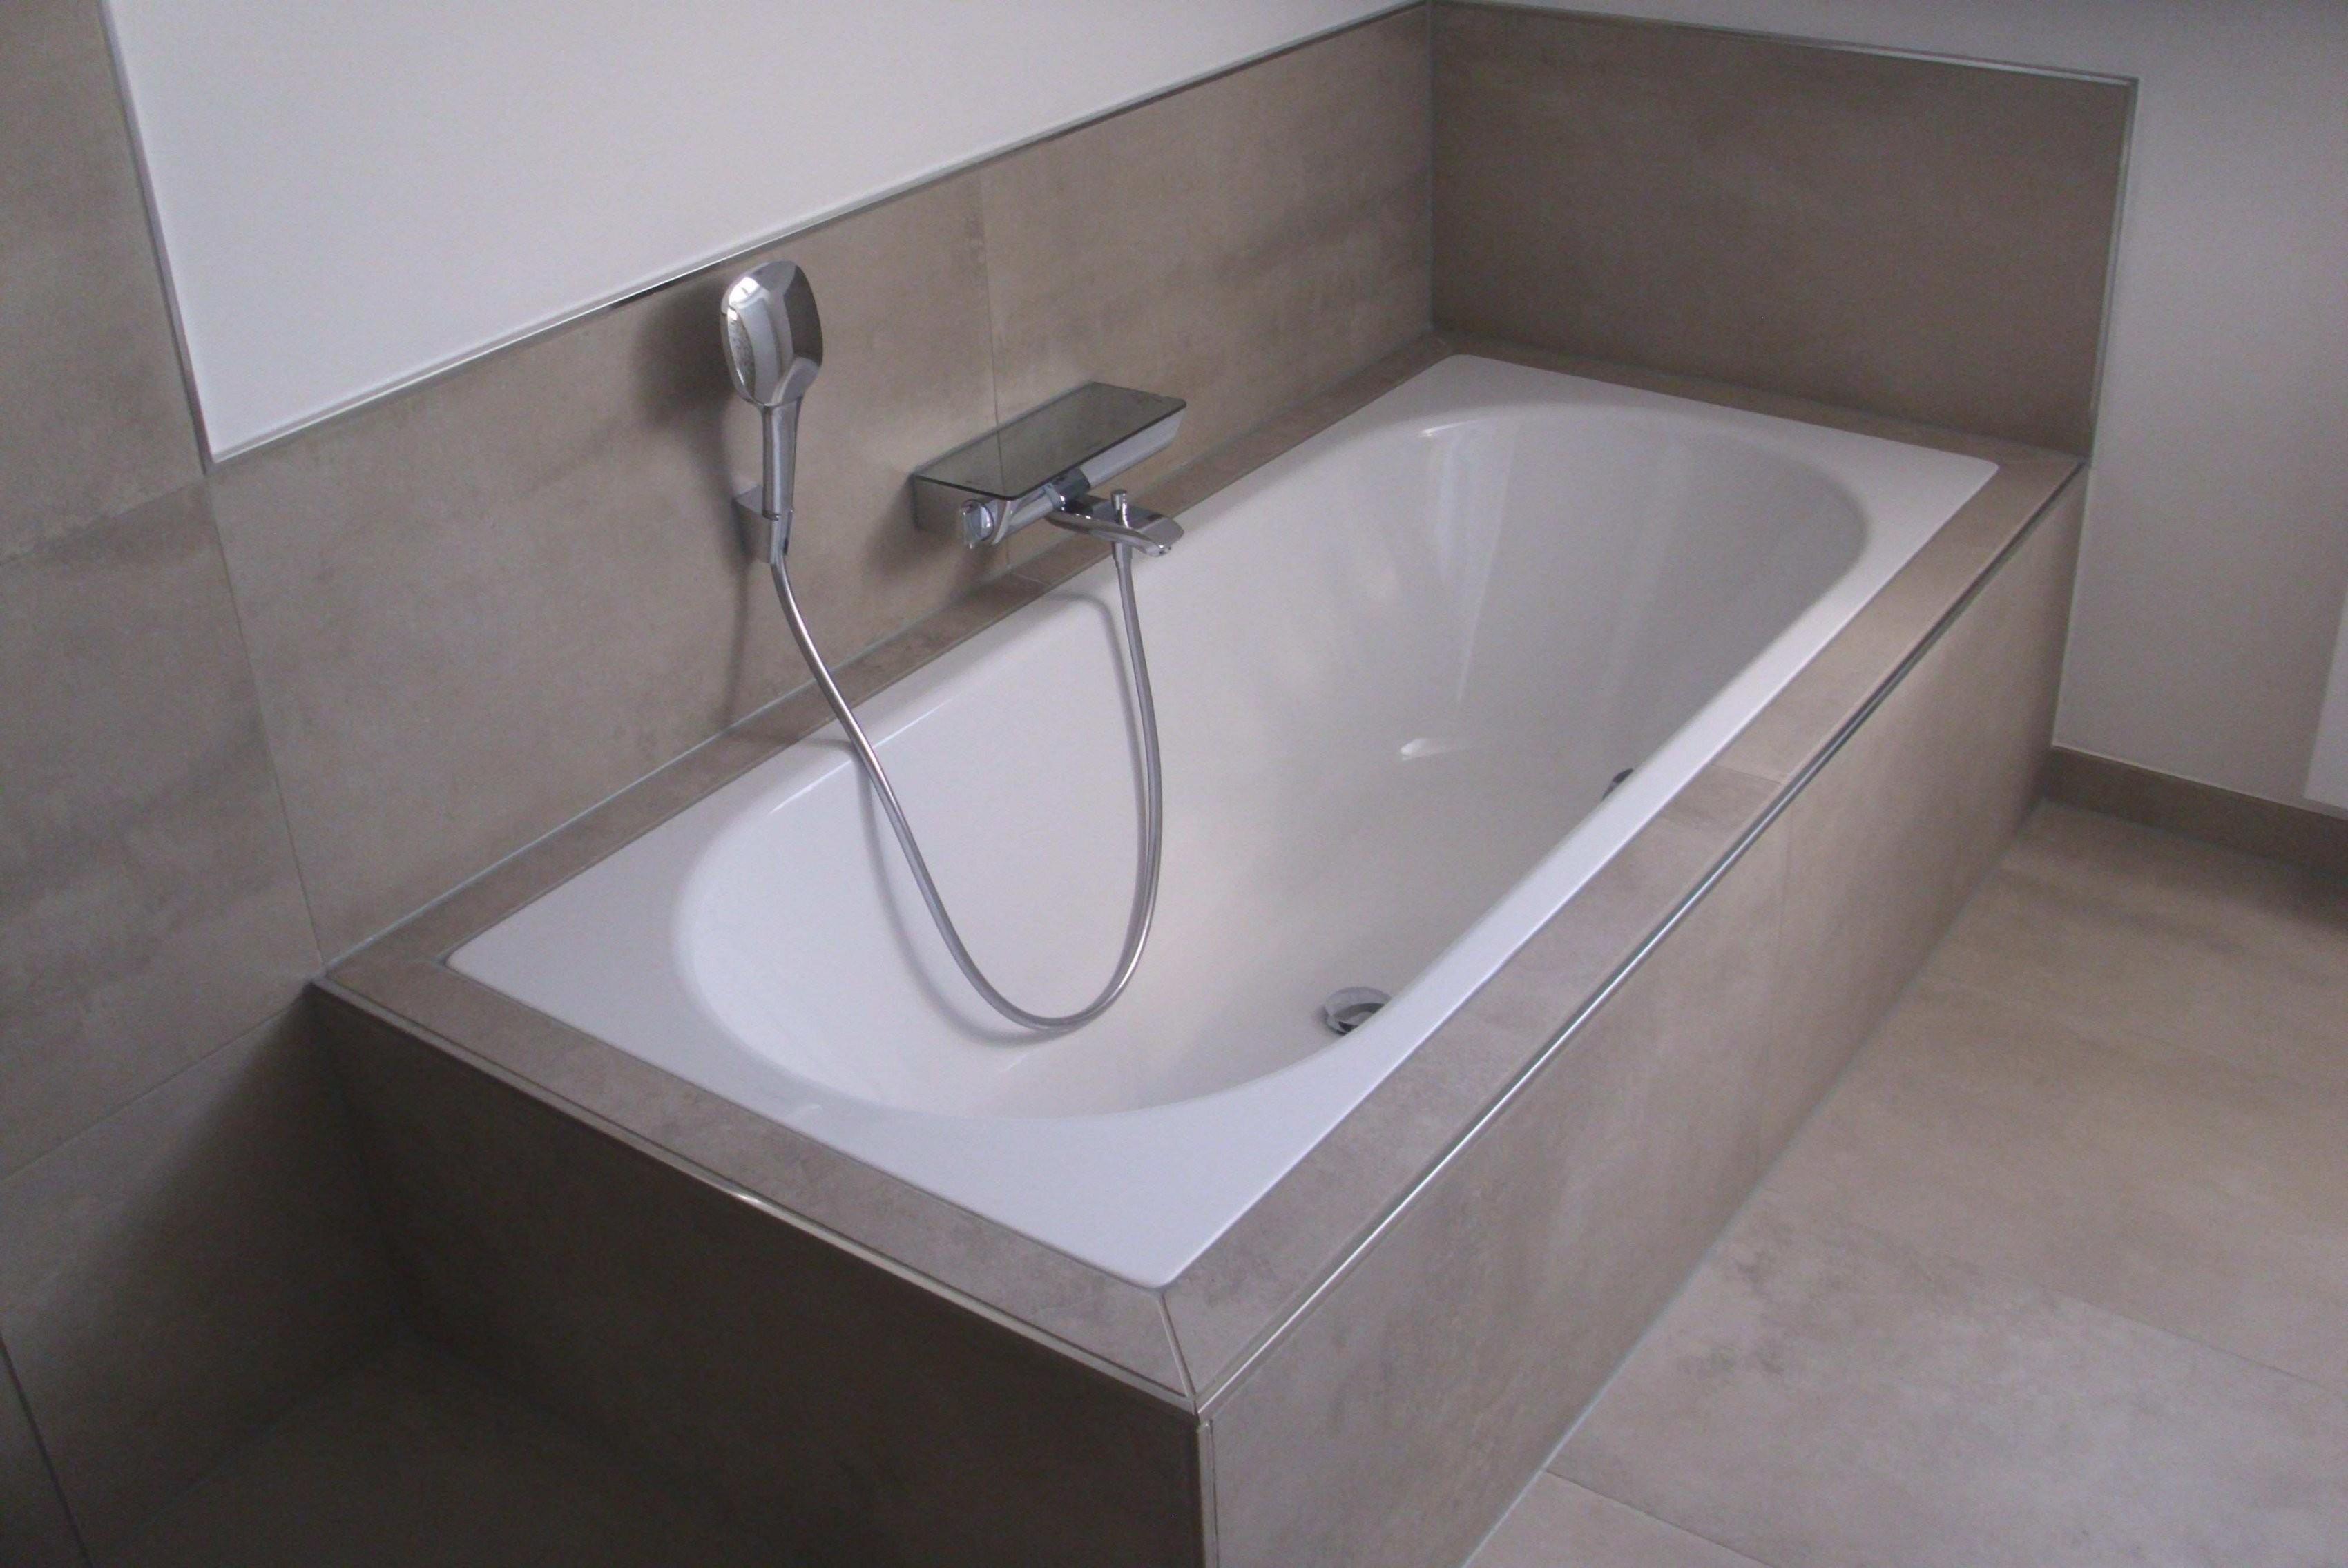 Freistehende Badewanne Villeroy Boch Luxuriös Und Herrlich Badewanne von Freistehende Badewanne Villeroy Boch Bild